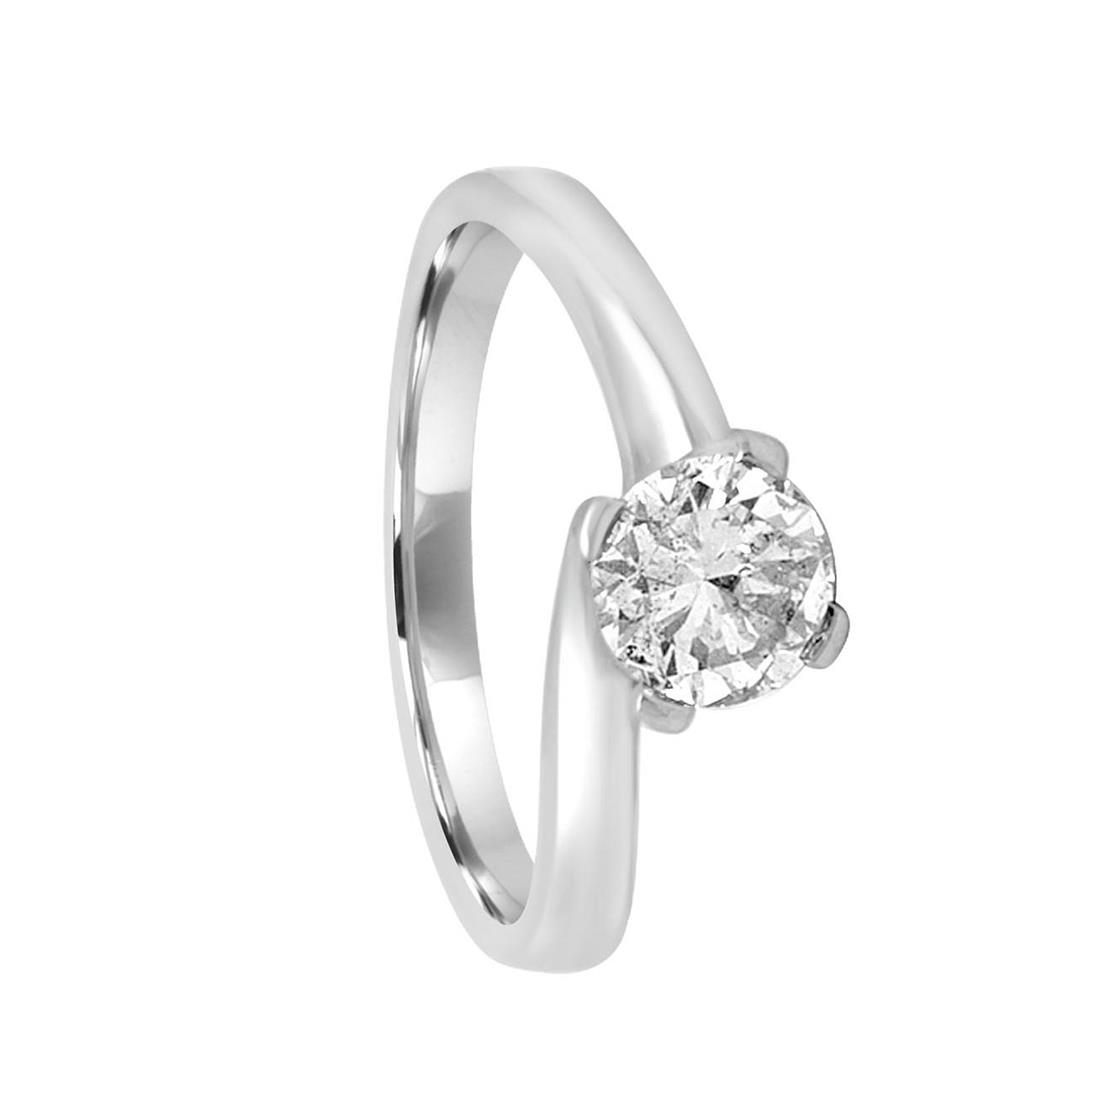 Anello solitario in oro bianco con diamante ct 0.84, misura 13 - ORO&CO